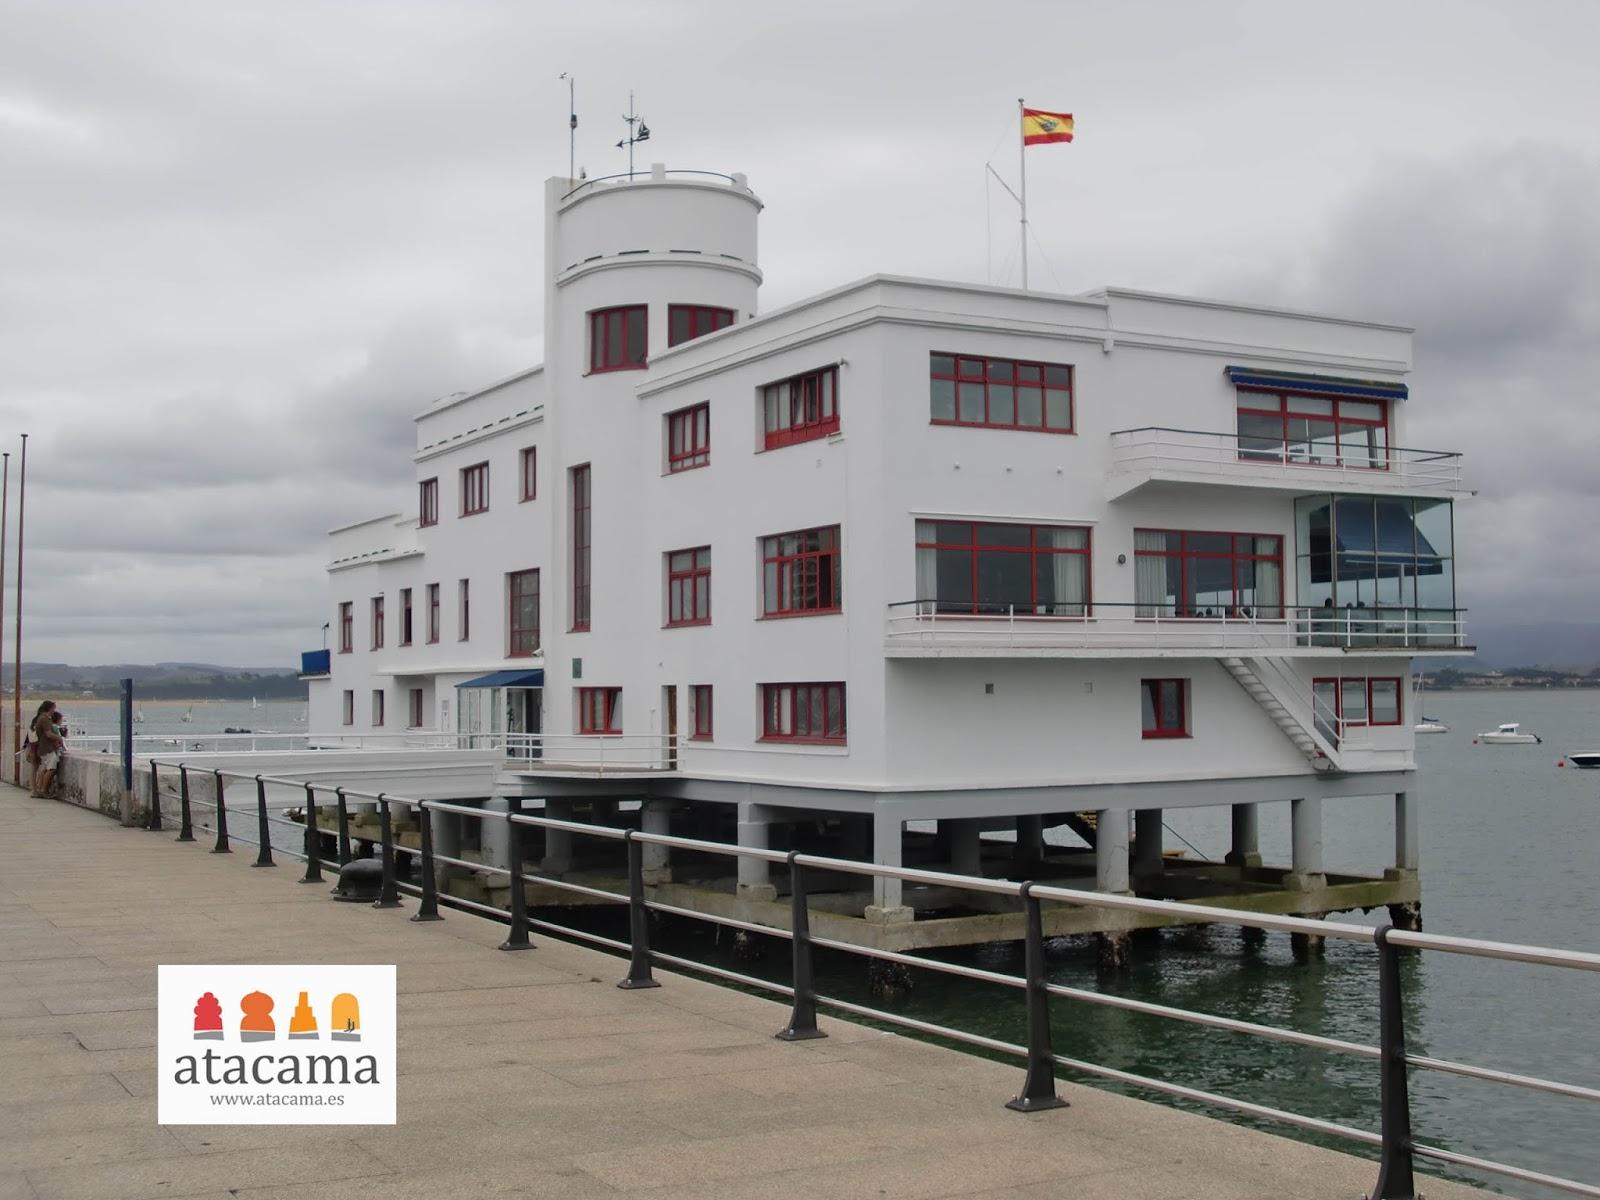 Atacama servicios culturales arquitectura racionalista en - Club nautico santander ...